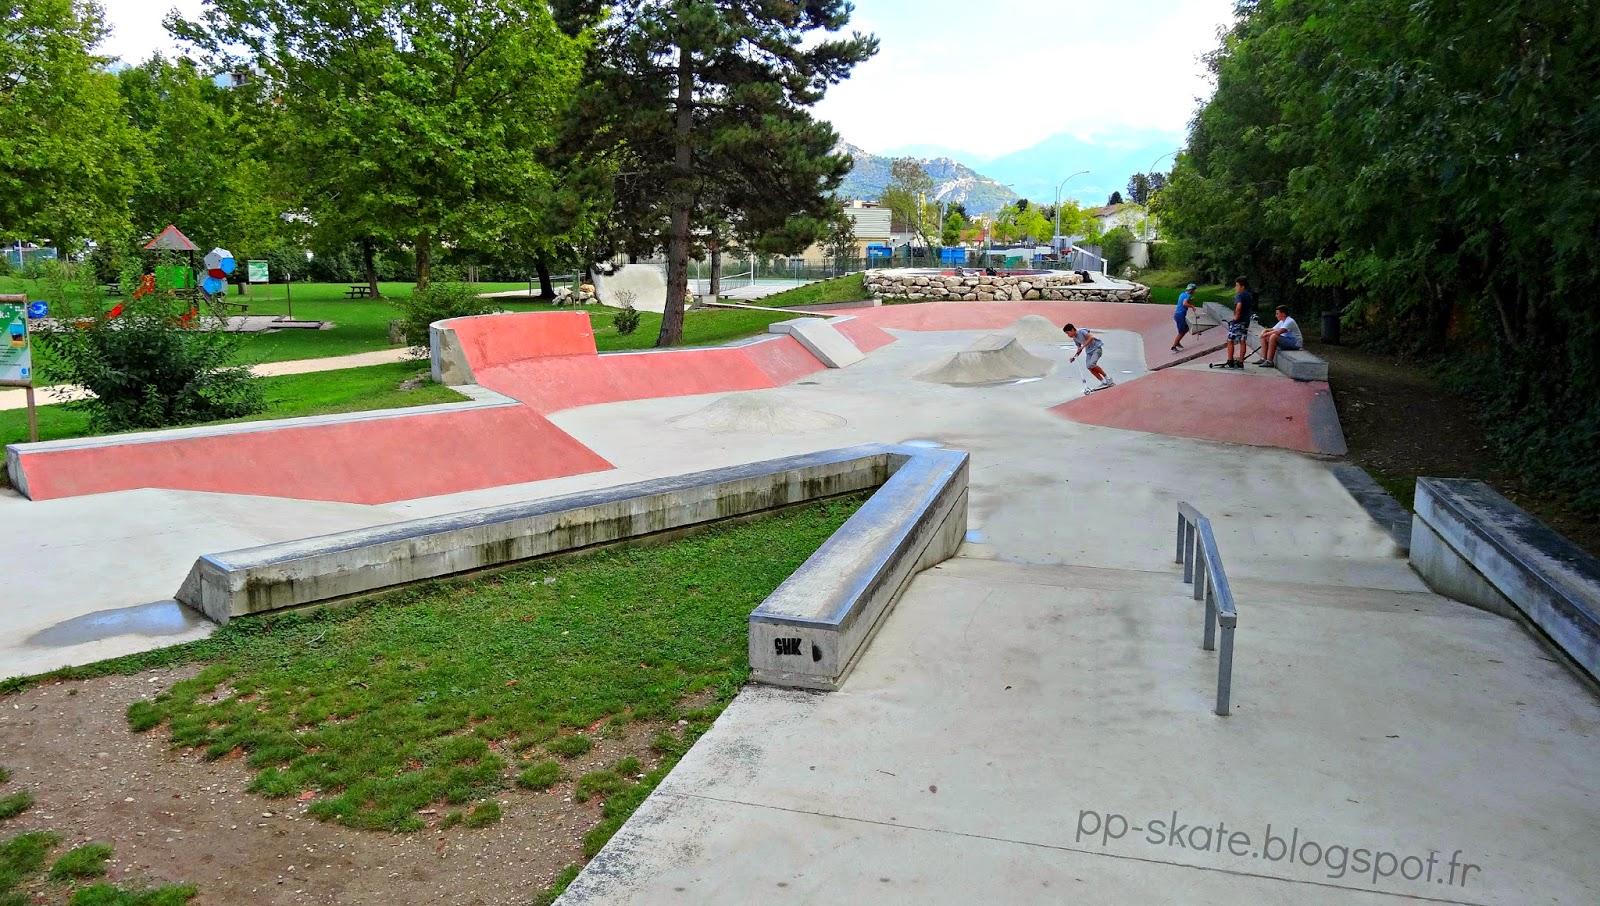 Skatepark parc poya